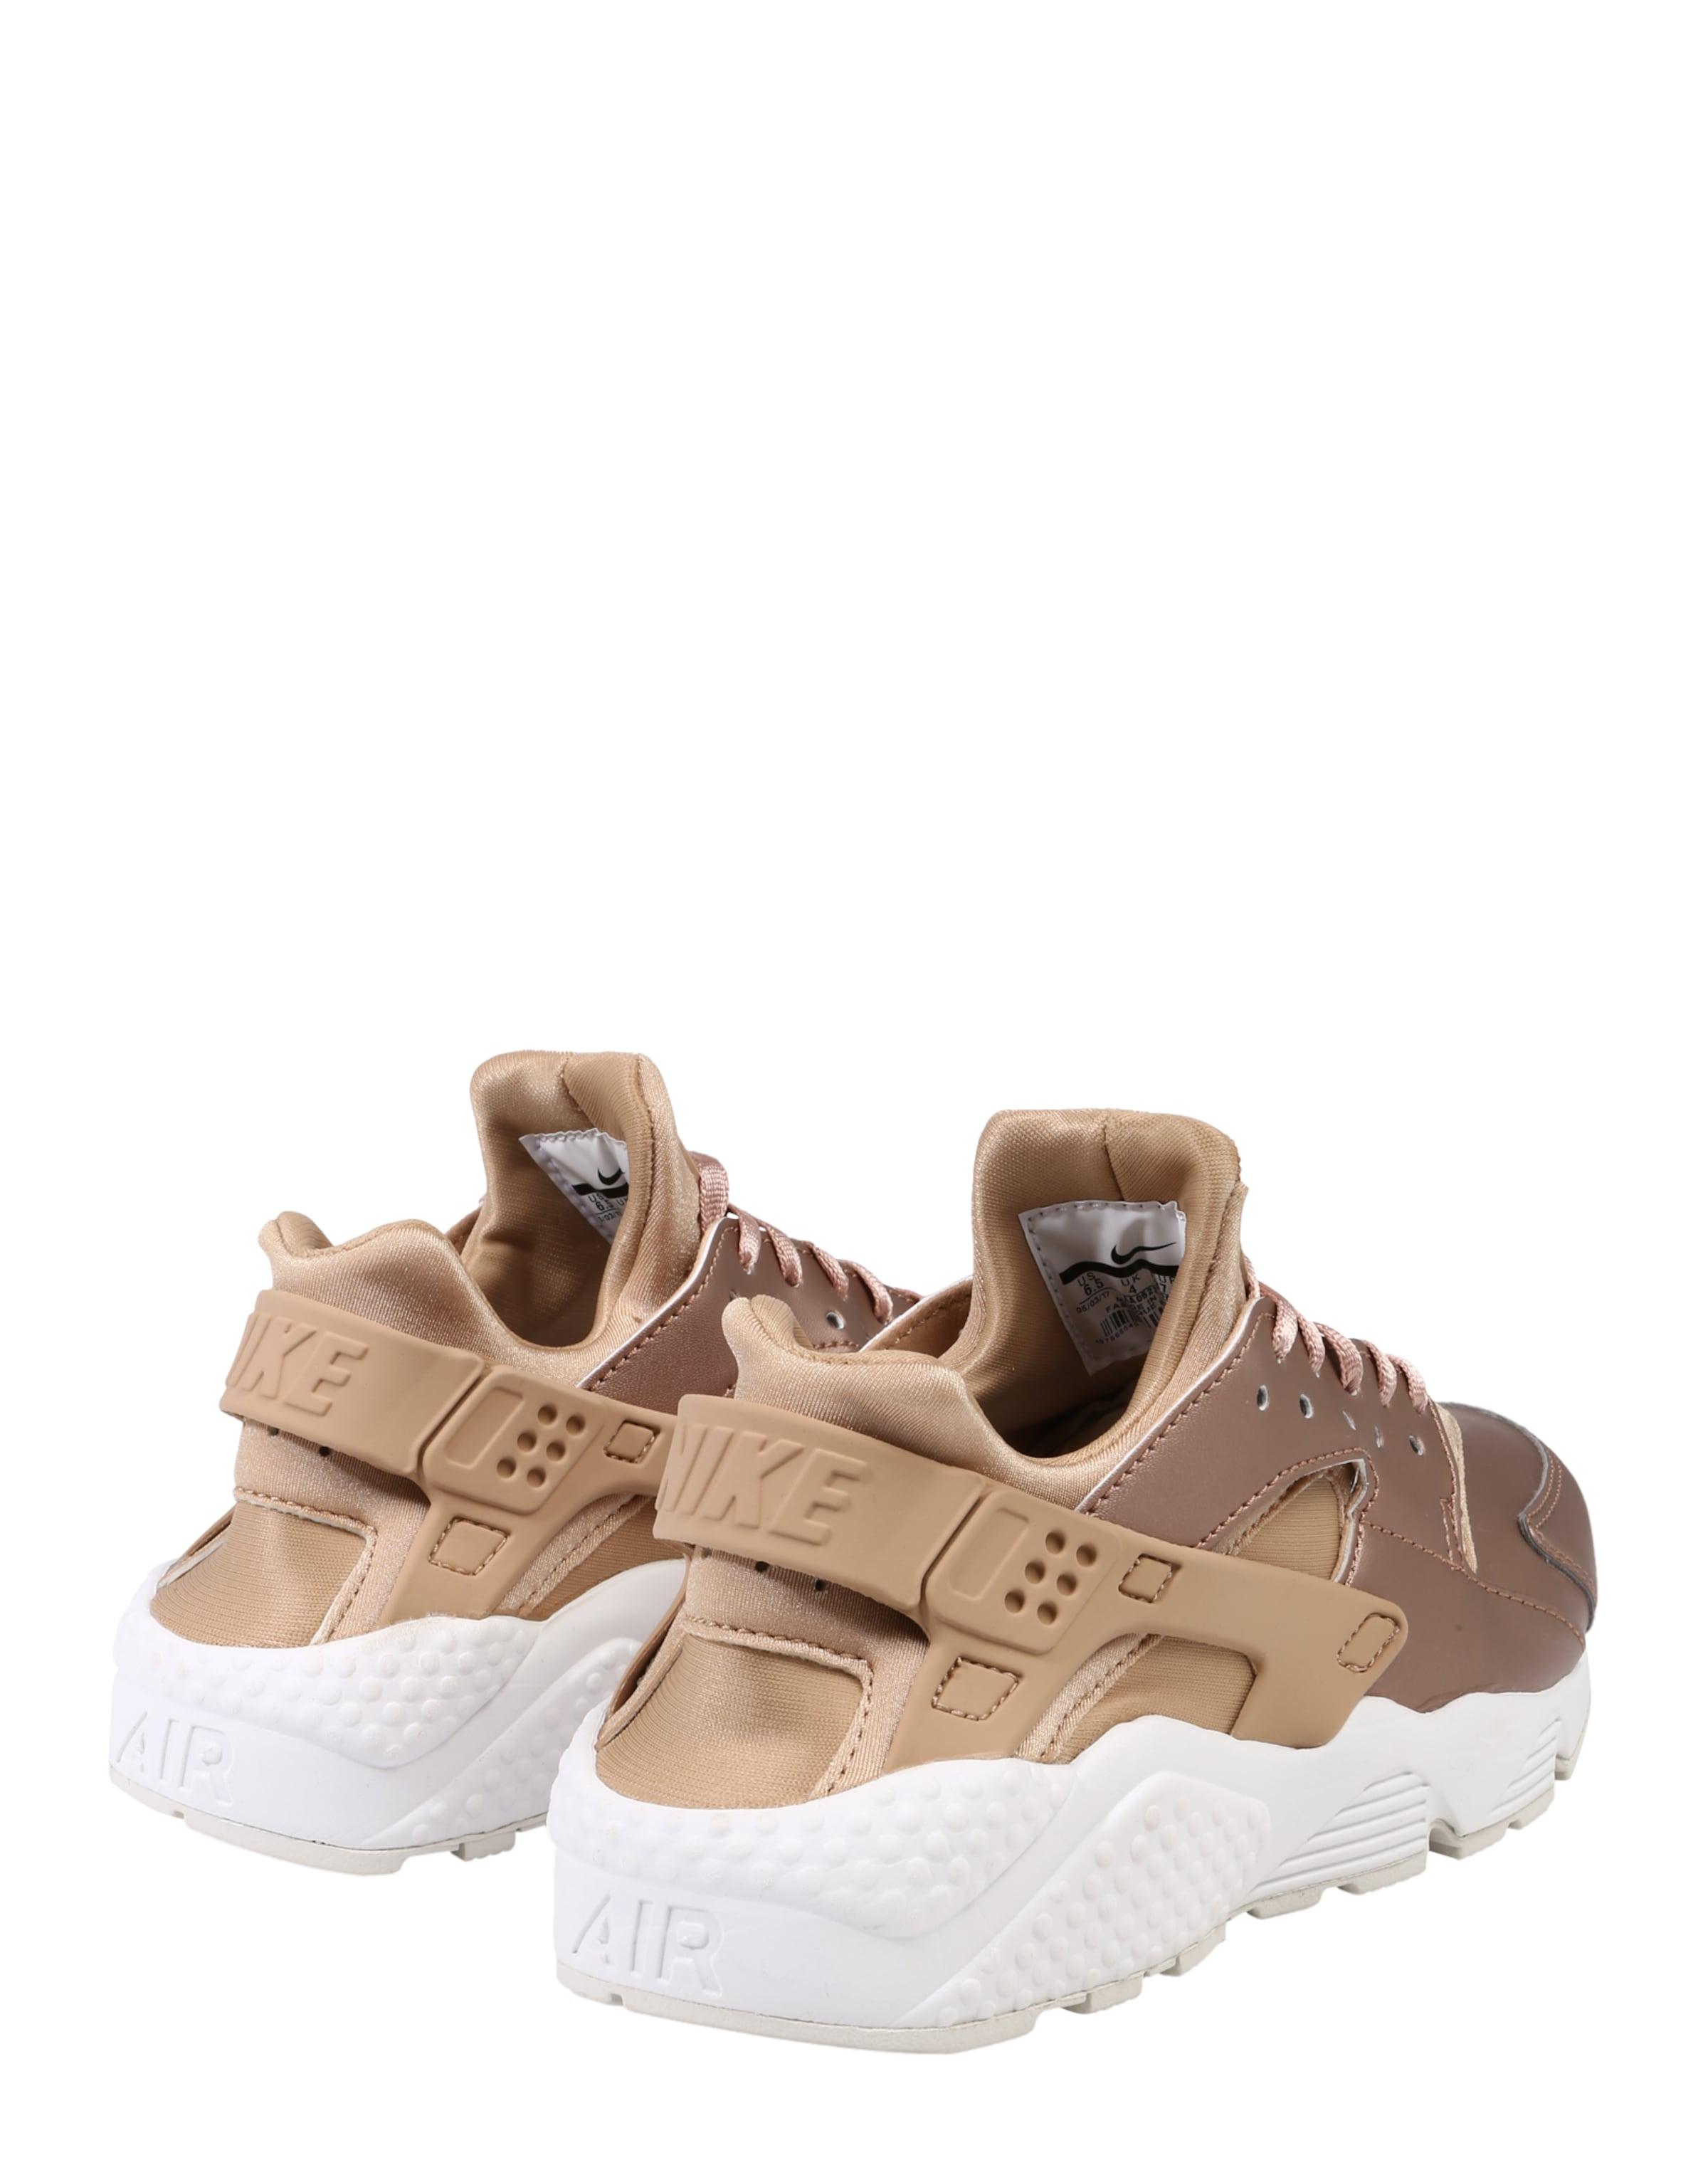 Nike Sportswear Run' Huarache Sportswear Sneaker 'Air Nike Run' Huarache 'Air Sportswear Nike Sneaker WUx8f1wn